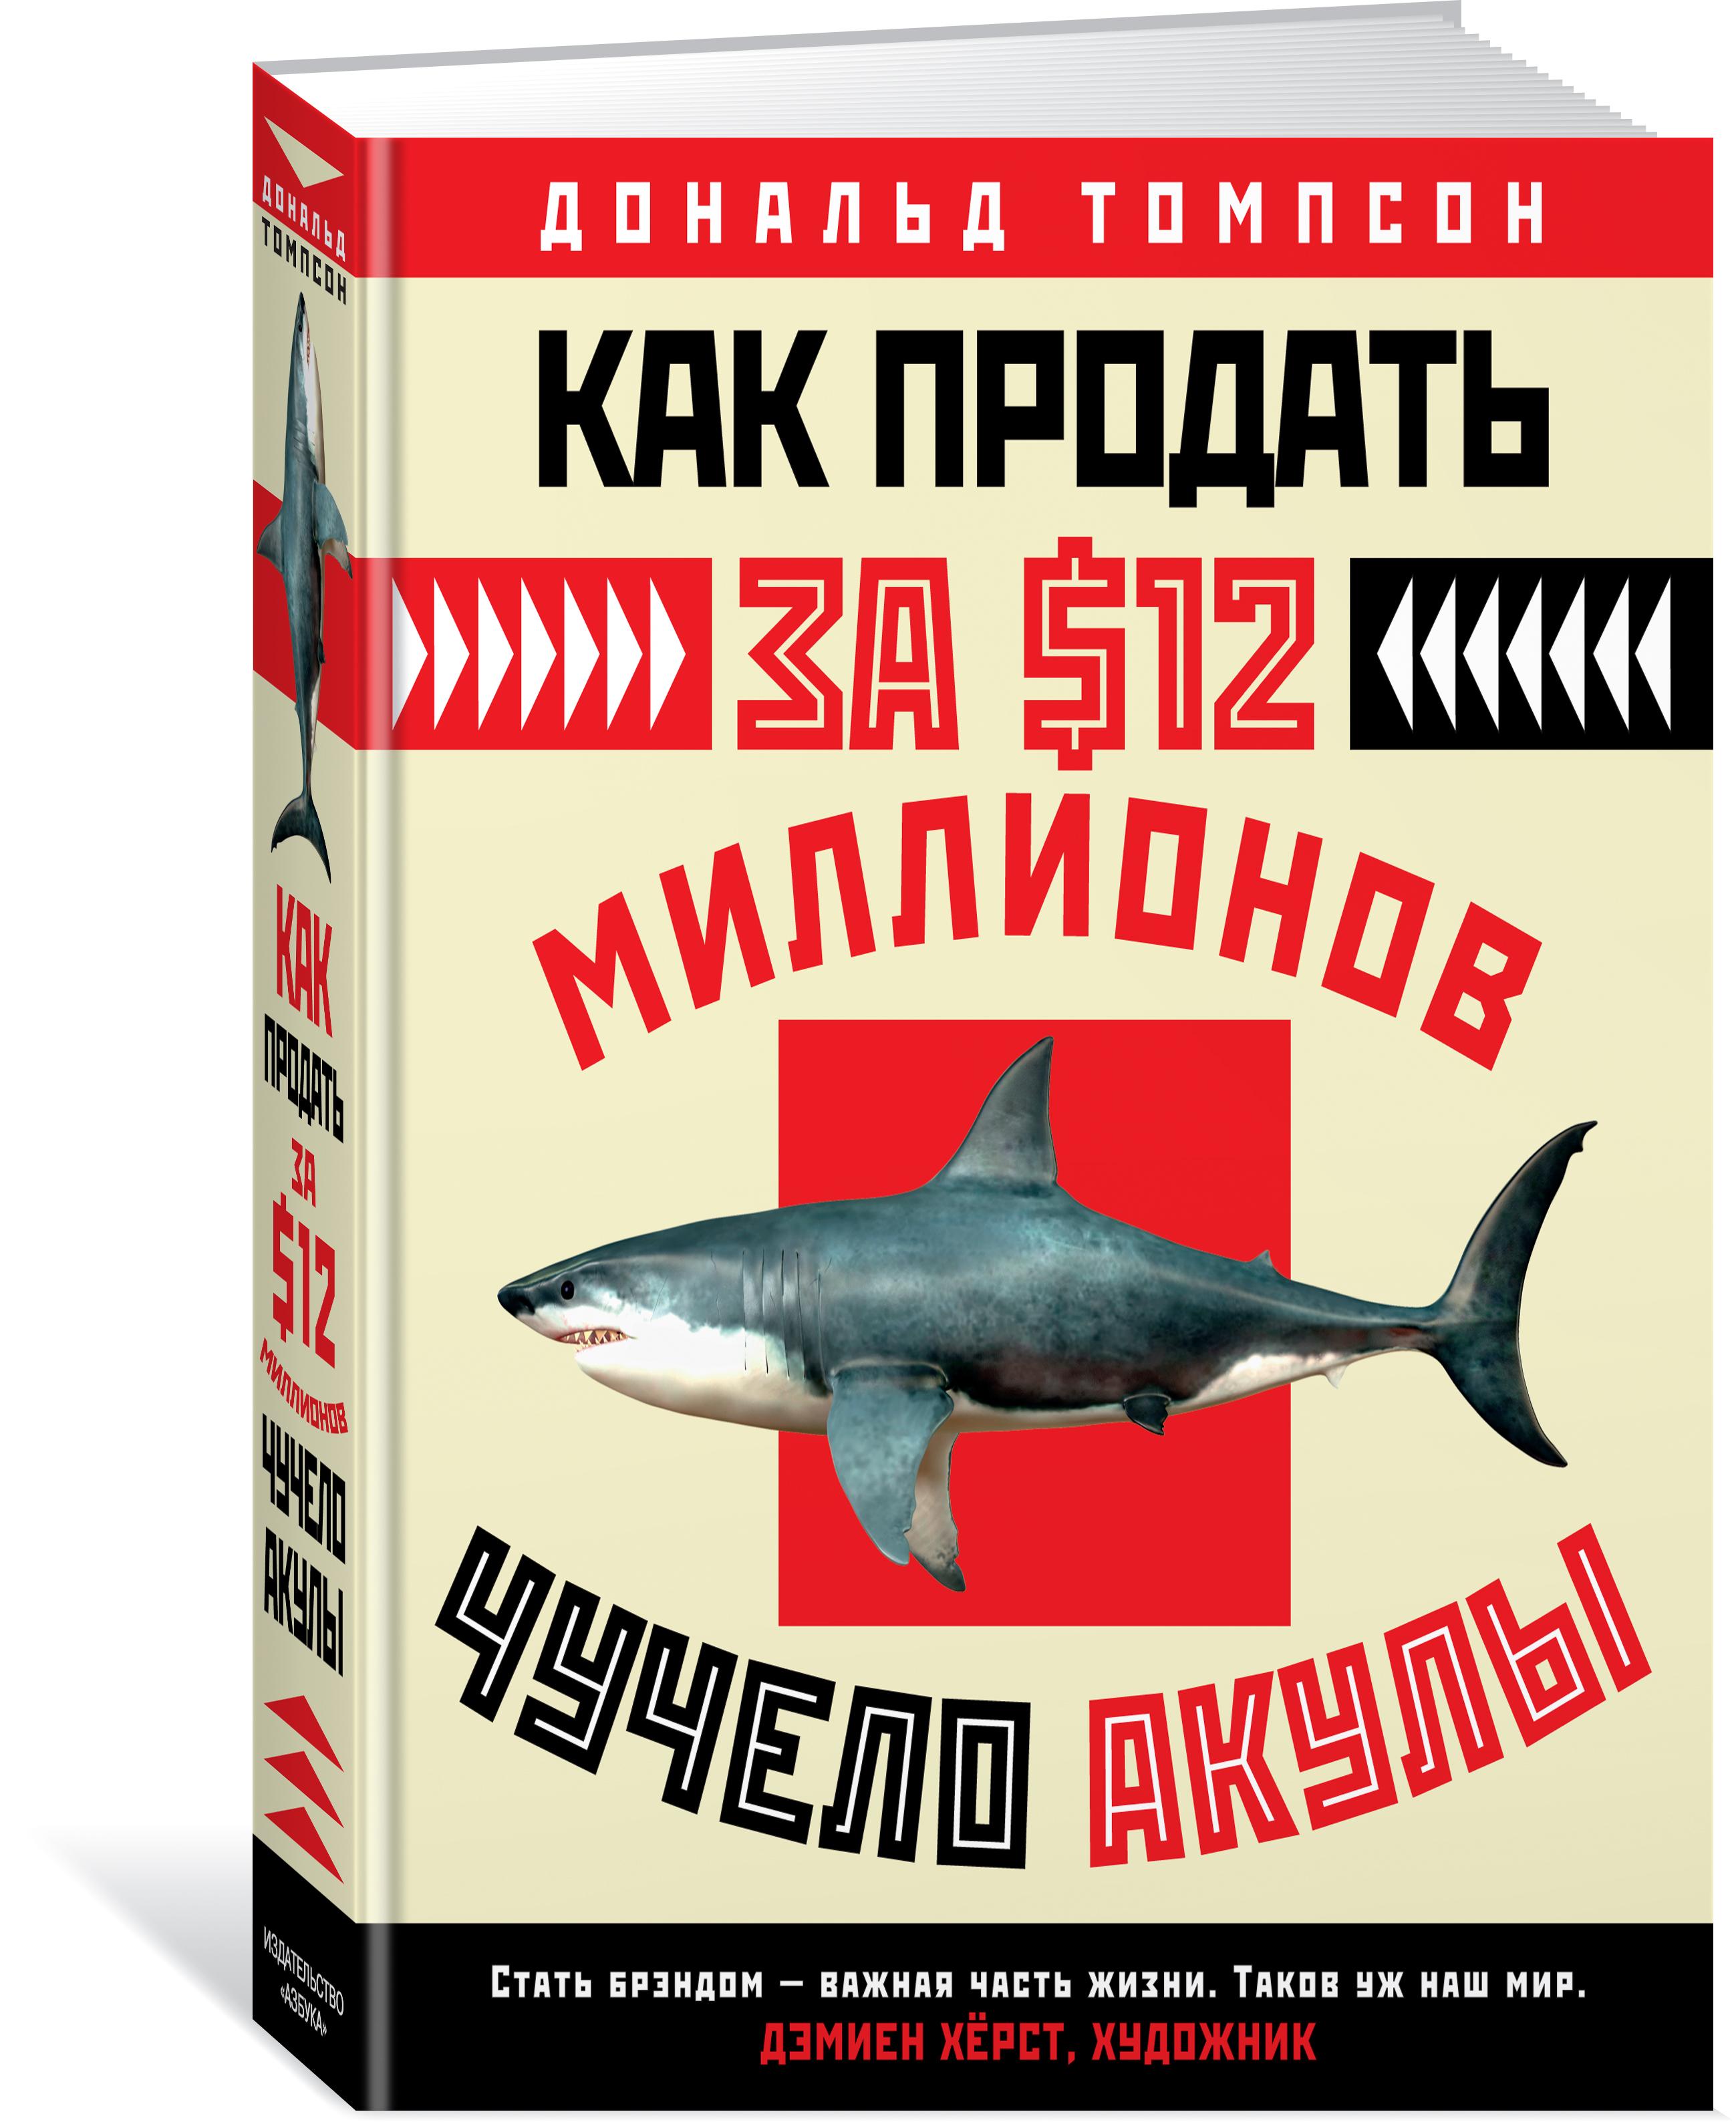 Как продать за $12 миллионов чучело акулы. Дональд Томпсон